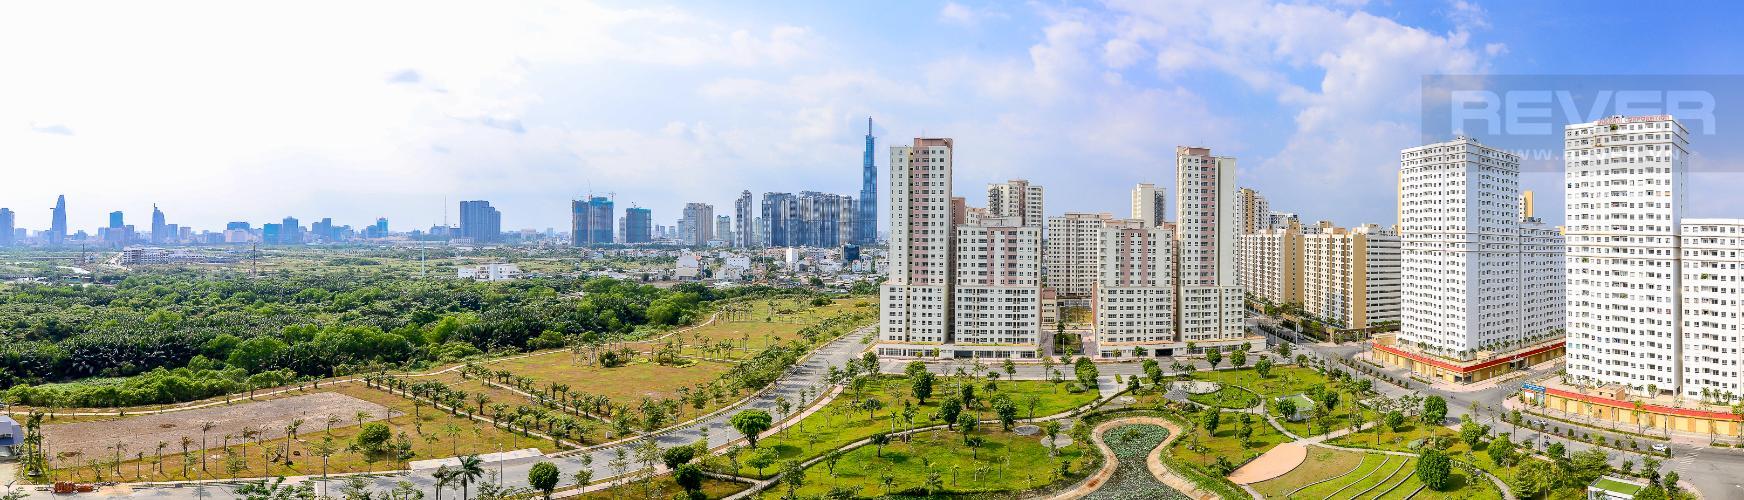 View Cho thuê căn hộ New City Thủ Thiêm 2PN 2WC, hướng Tây Bắc, view công viên